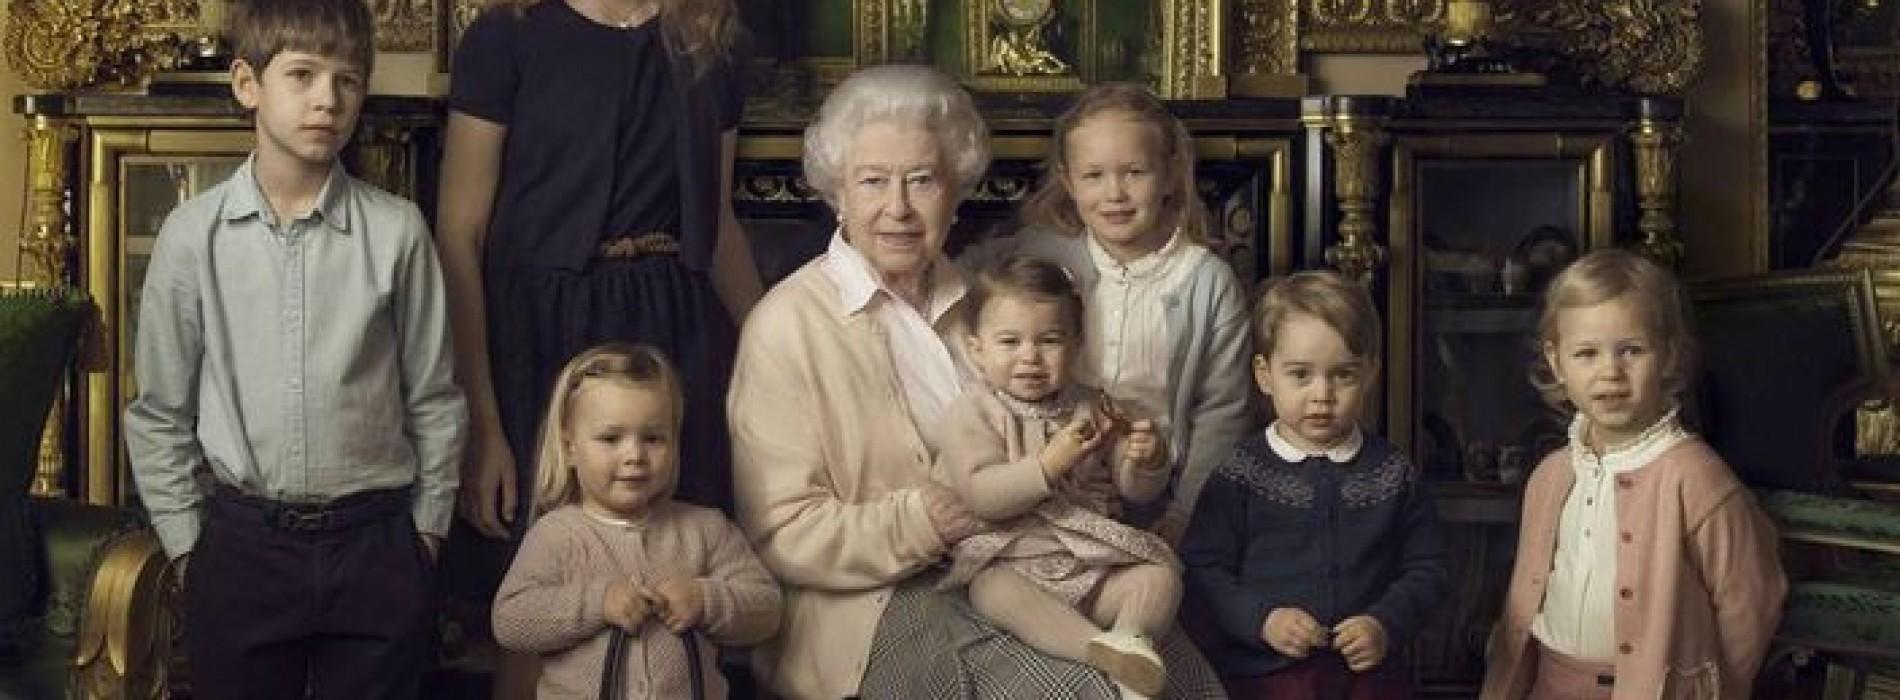 英女王偕眾孫激罕合照  幼小成員逐個數